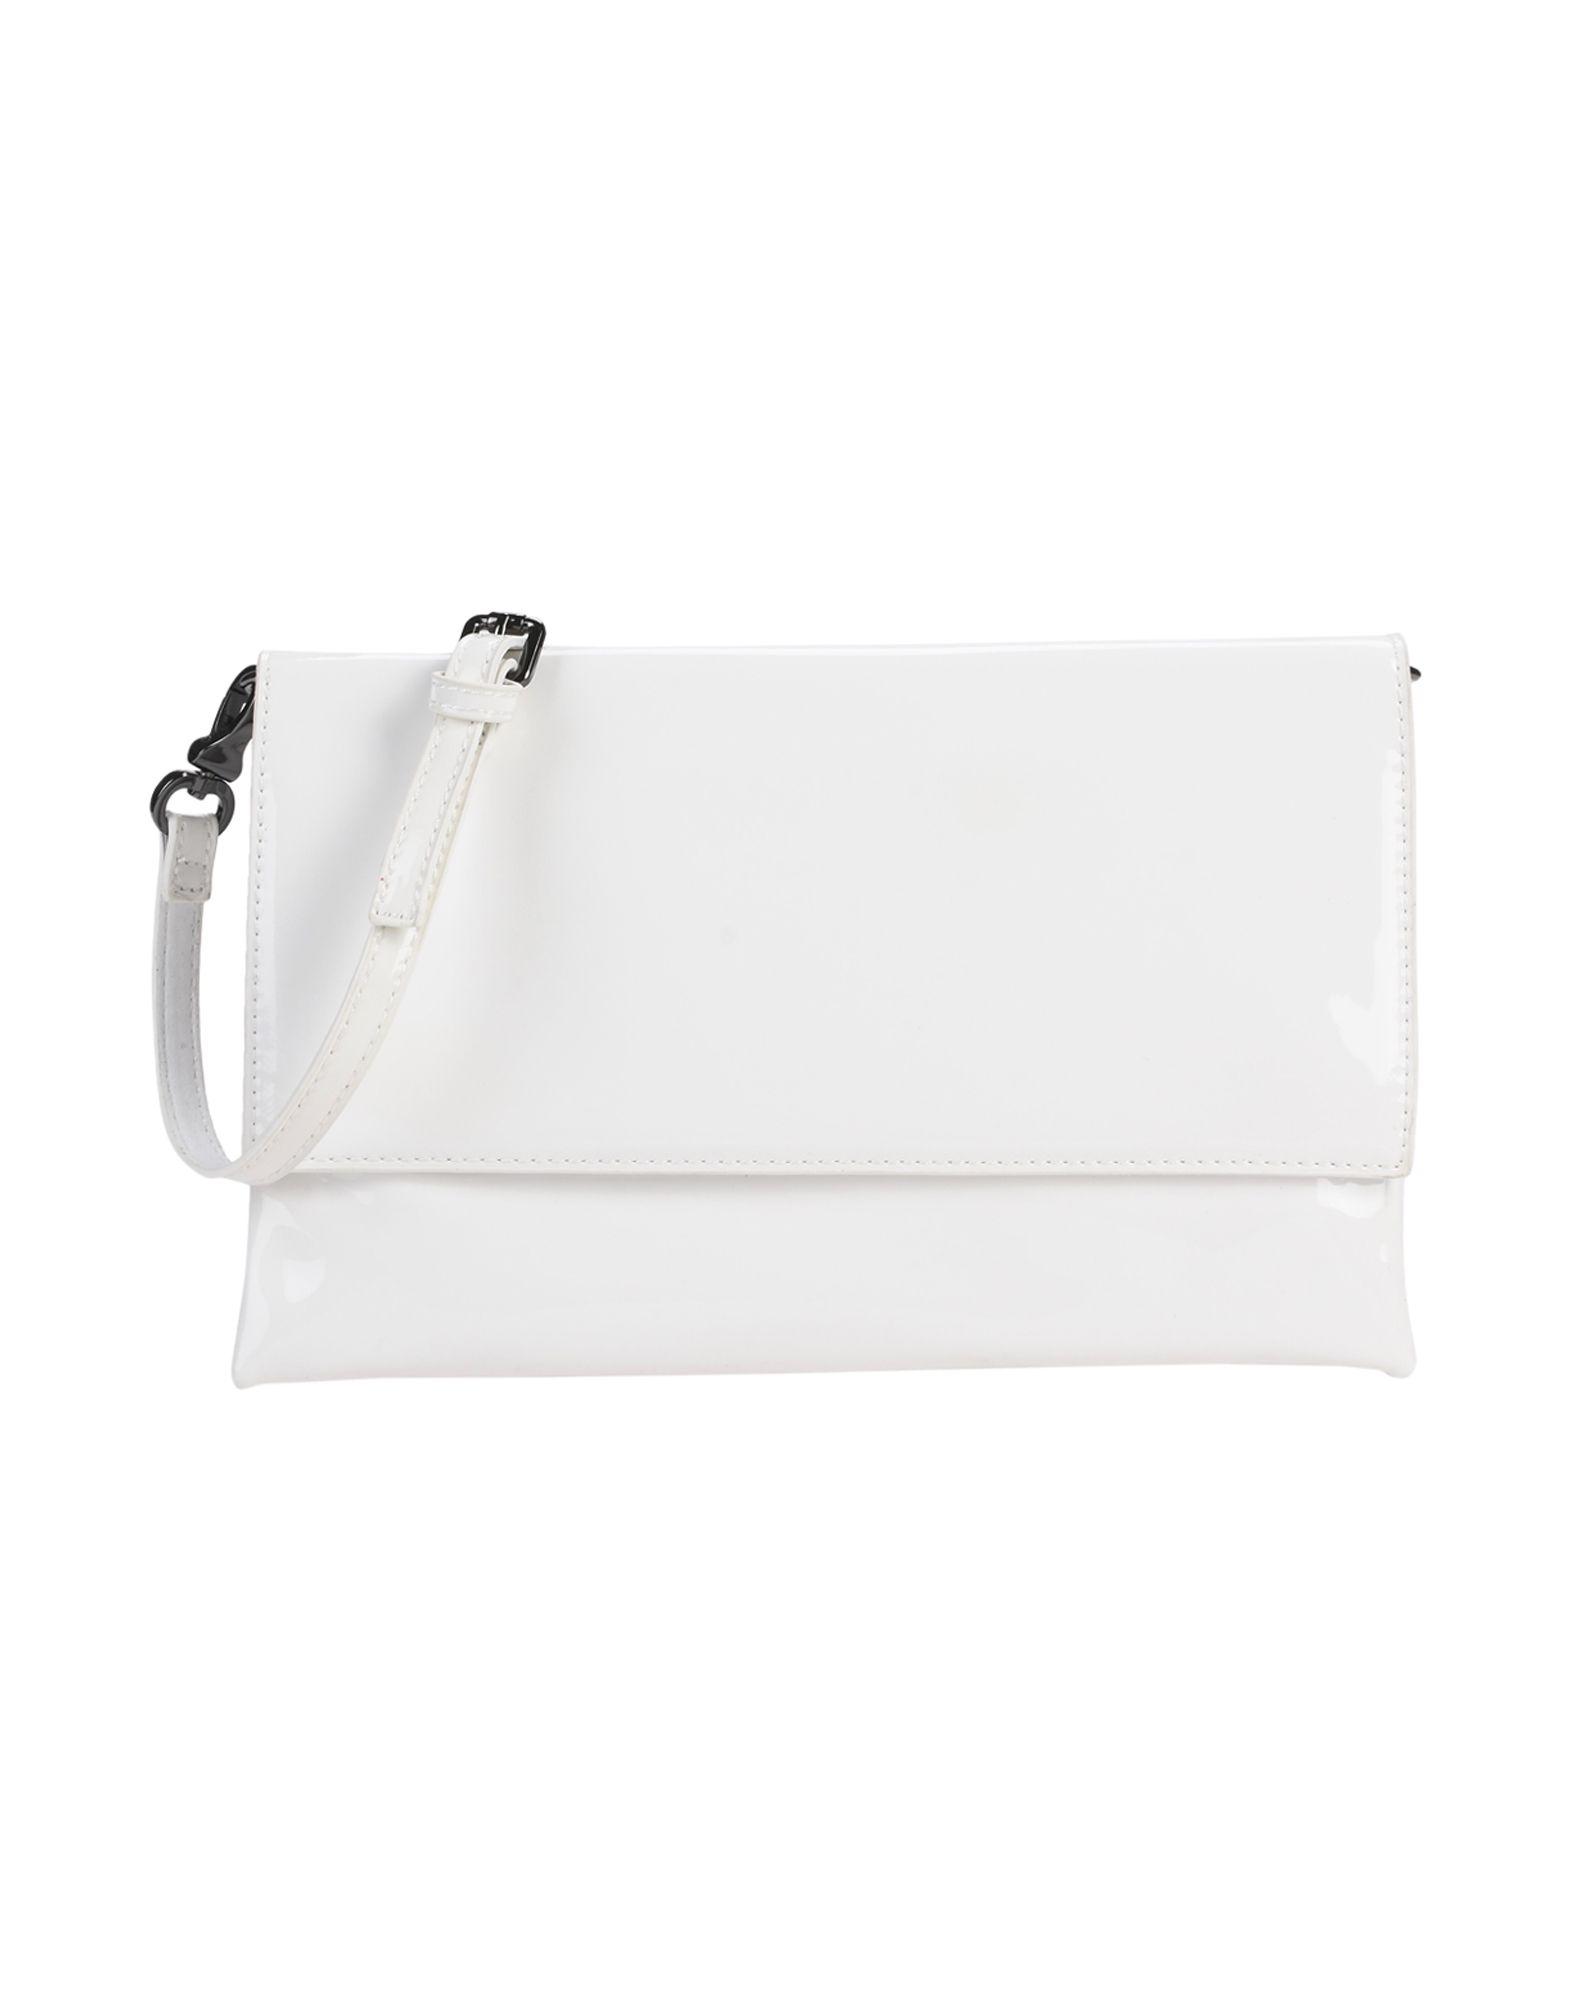 《期間限定セール中》DEUX LUX レディース ハンドバッグ ホワイト 紡績繊維 CLUTCH